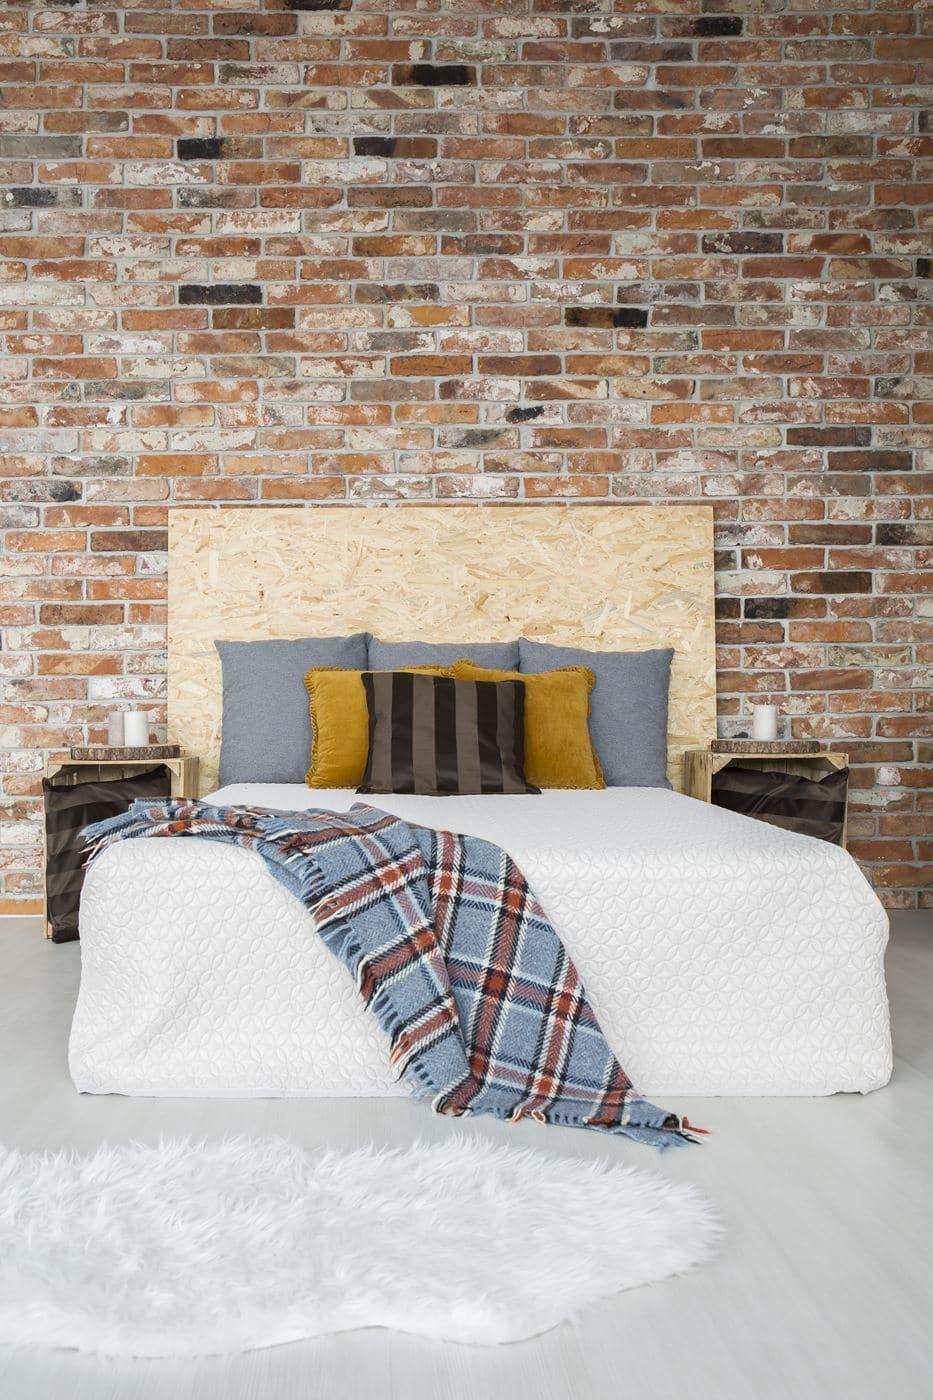 styl industrialny - sypialnia w mieszkaniu